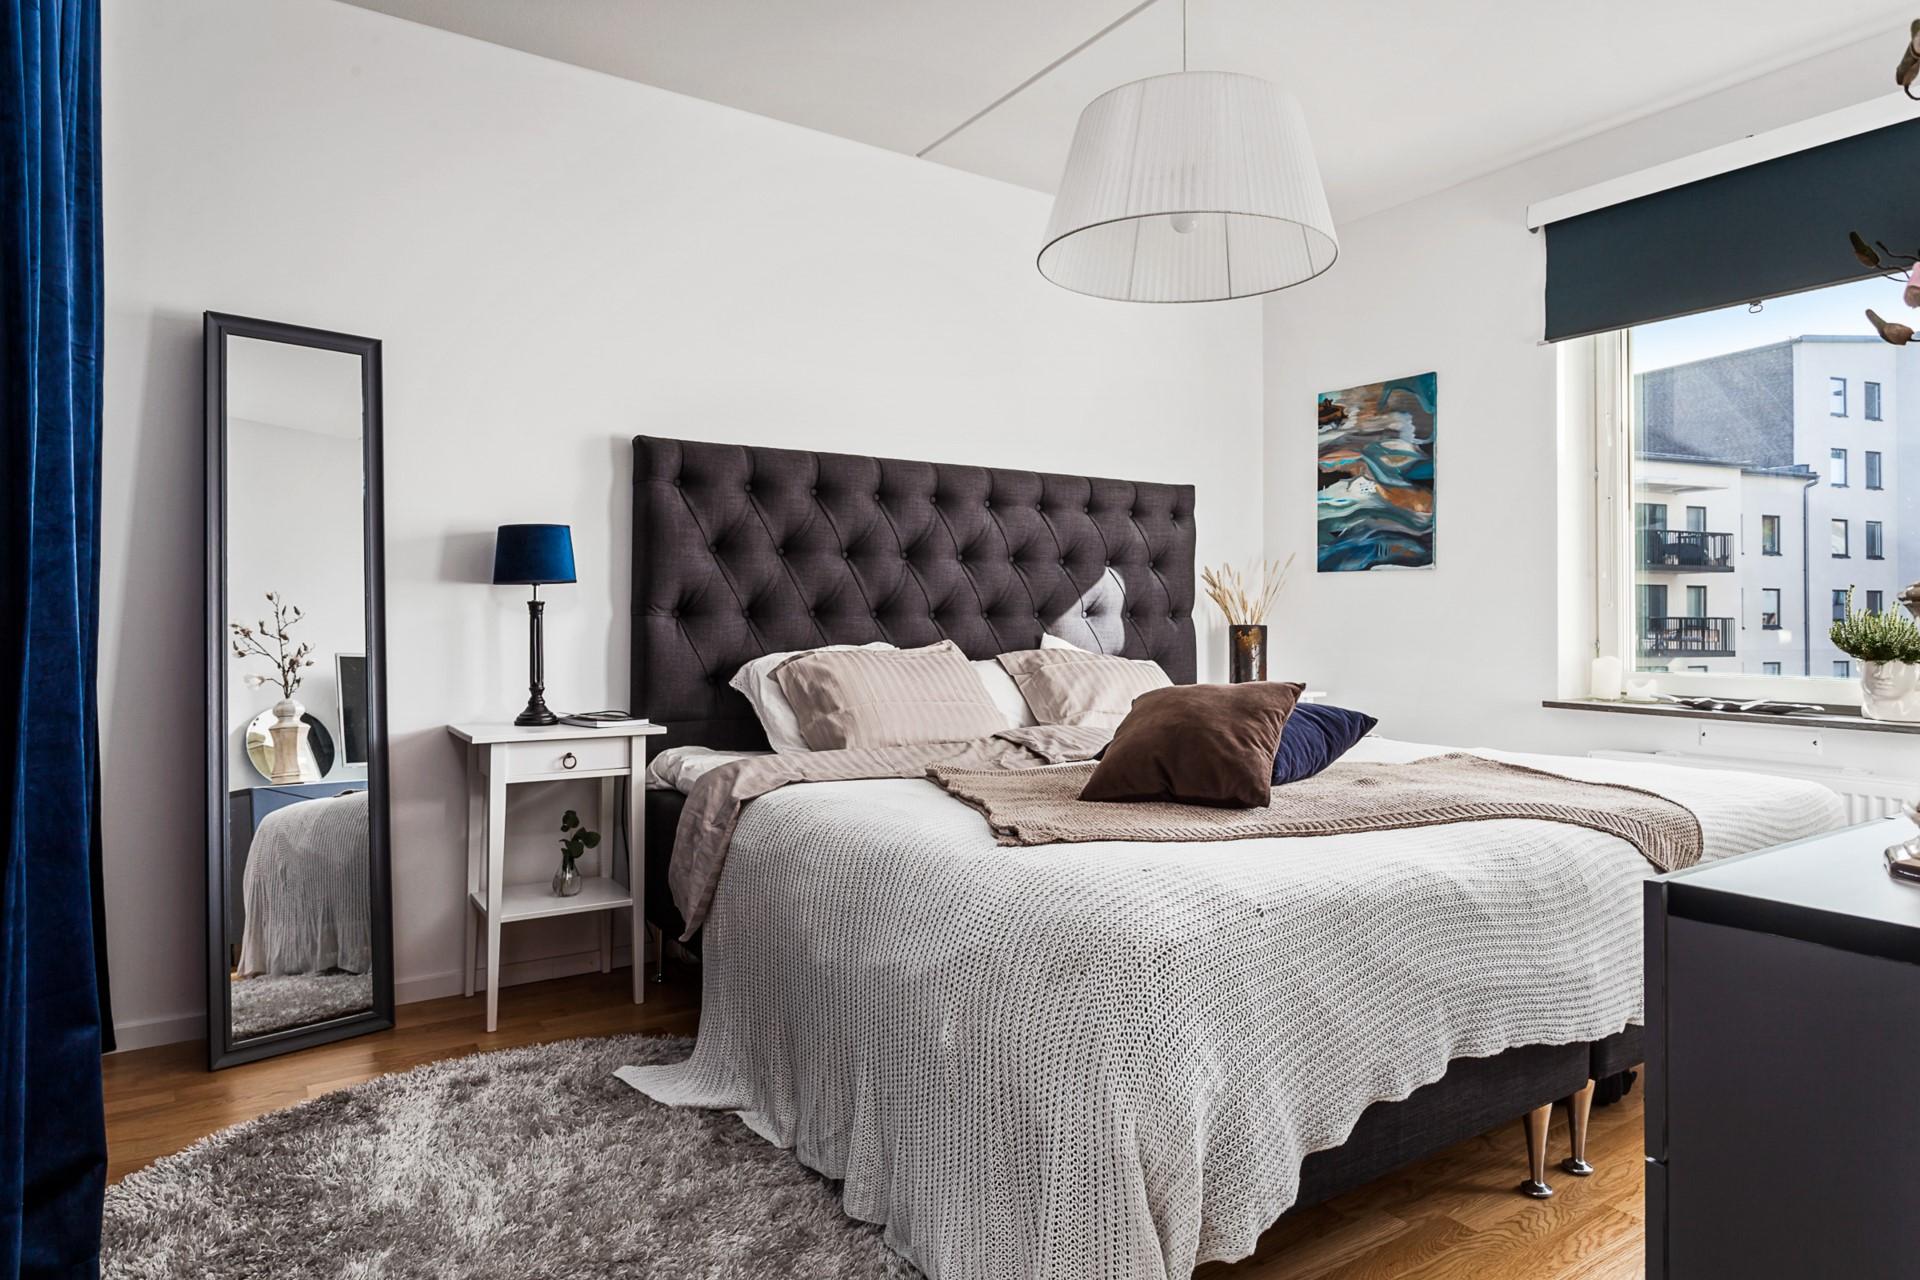 Oskarslundsbacken 1, 7tr, Högst upp! - Rymligt sovrum med ingång till en stor klädkammare.